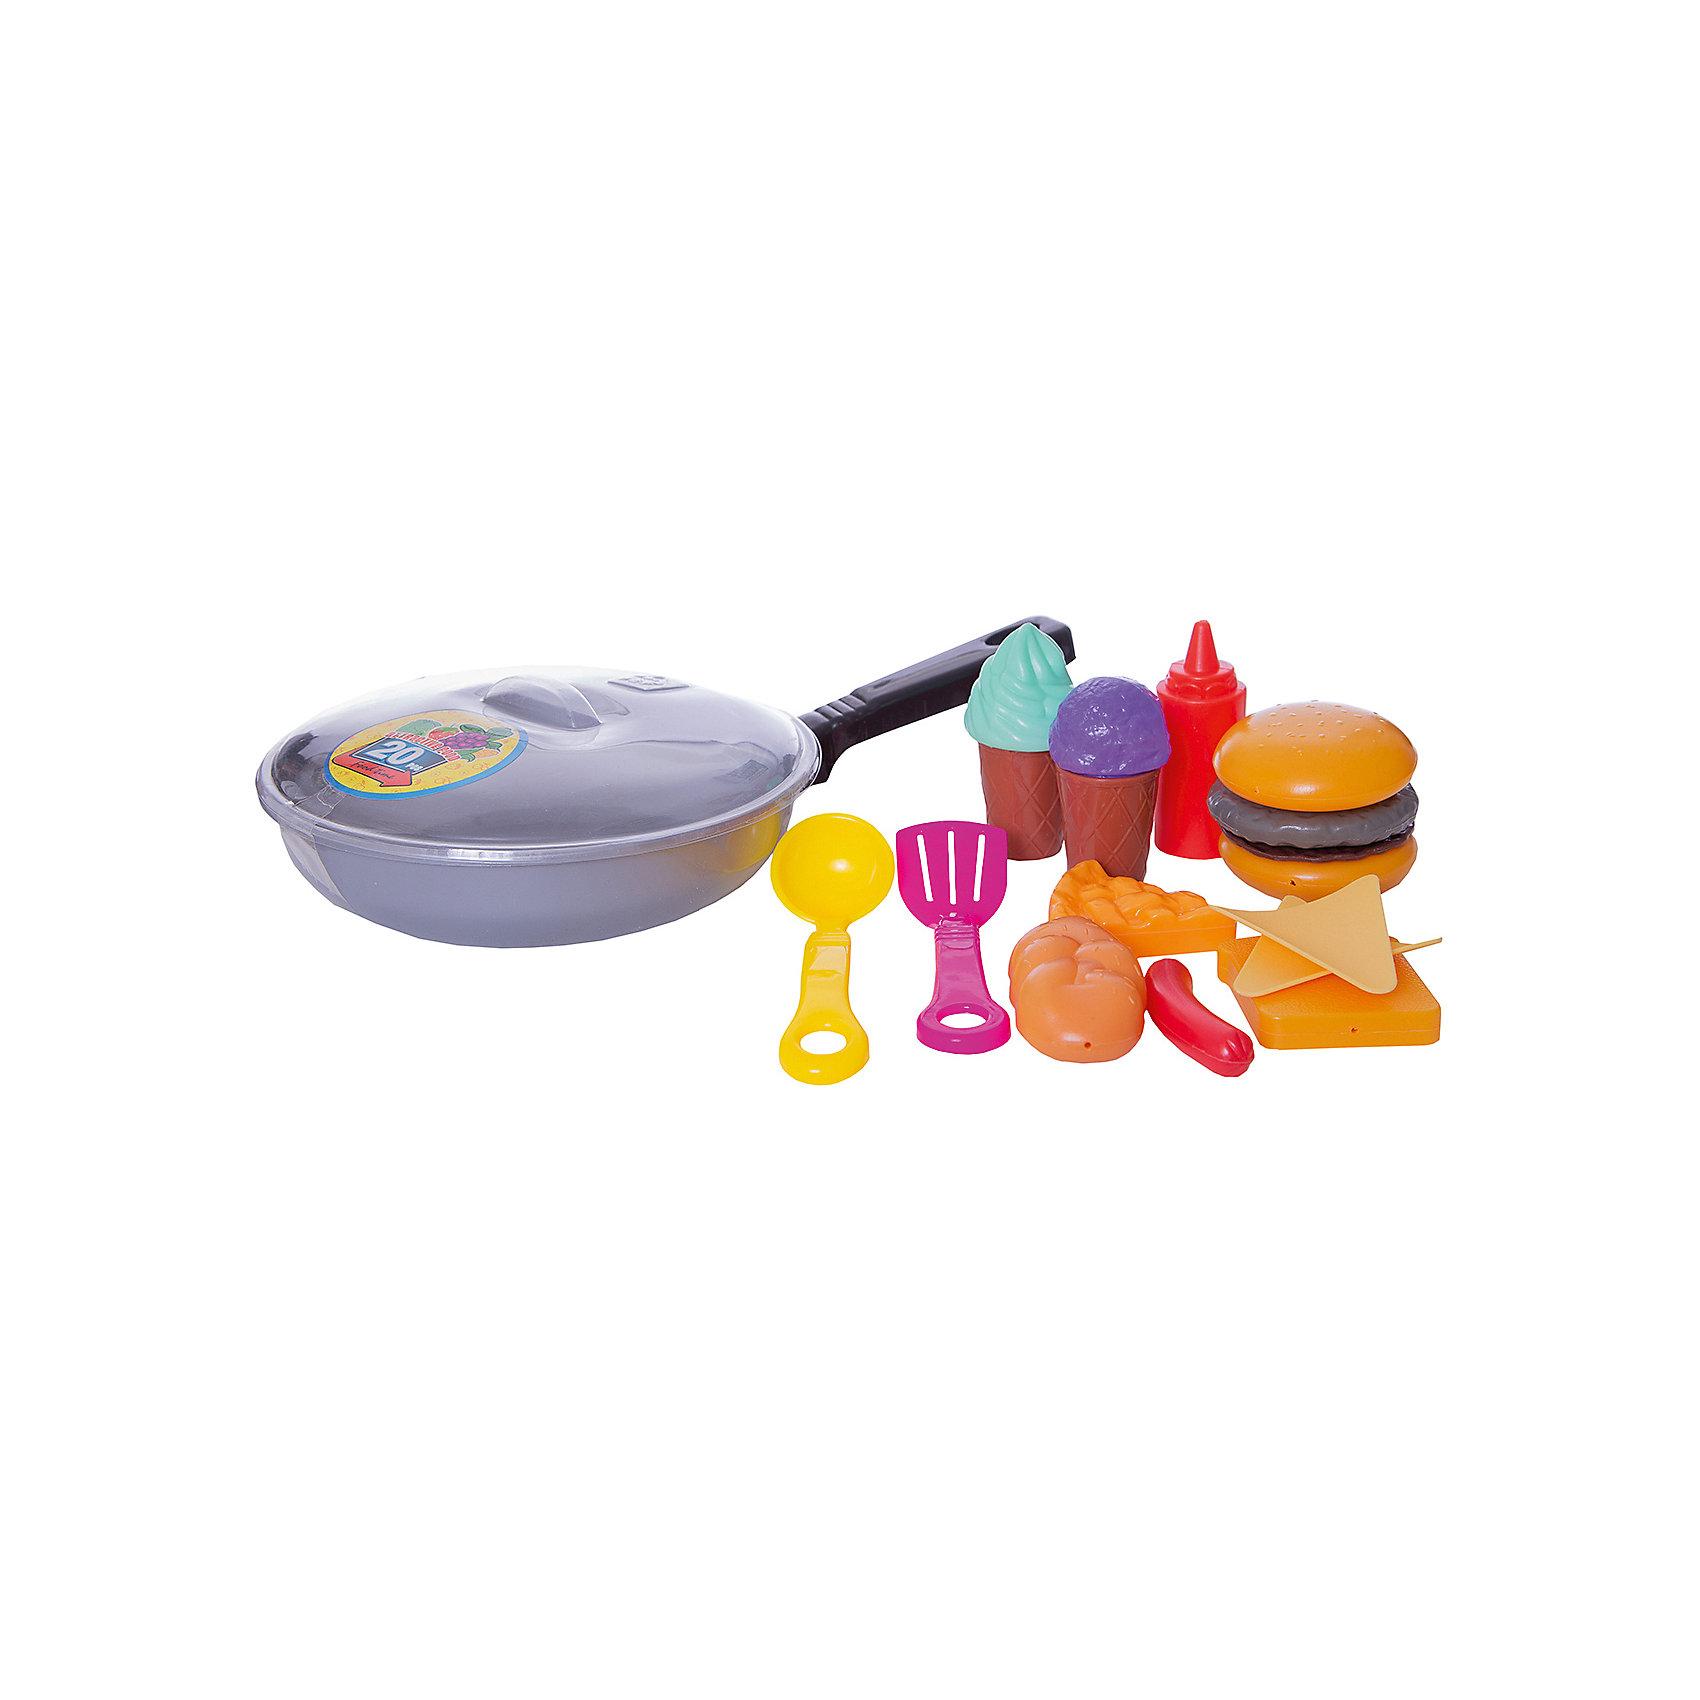 Набор Сковородка с  продуктами, EstaBellaНабор Сковородка с  продуктами, EstaBella (Эстабелла) – это красочный комплект кухонной утвари и муляжей продуктов для увлекательных сюжетно-ролевых игр.<br>Набор Сковородка с продуктами от компании EstaBella (Эстабелла) подарит вашей девочке увлекательный мир ролевой игры, фантазии и воображения. Играя с ним, она будет готовиться к взрослой жизни и станет более самостоятельной, уверенной и активной.  В комплект входят муляжи продуктов, а также шумовка, ложка и сковородка. С таким набором малышке будет легко придумать разнообразные игровые сюжеты. Все элементы набора изготовлены из качественного пластика и покрыты нетоксичными красками, а также не имеют острых углов.<br><br>Дополнительная информация:<br><br>- В наборе: сковородка, кухонная утварь, муляжи продуктов<br>- Материал: пластик<br>- Упаковка: сетка<br>- Размер упаковки: 30х5х18 см.<br>- Вес: 190 гр.<br><br>Набор Сковородка с  продуктами, EstaBella (Эстабелла) можно купить в нашем интернет-магазине.<br><br>Ширина мм: 300<br>Глубина мм: 50<br>Высота мм: 180<br>Вес г: 190<br>Возраст от месяцев: 36<br>Возраст до месяцев: 72<br>Пол: Женский<br>Возраст: Детский<br>SKU: 4552908